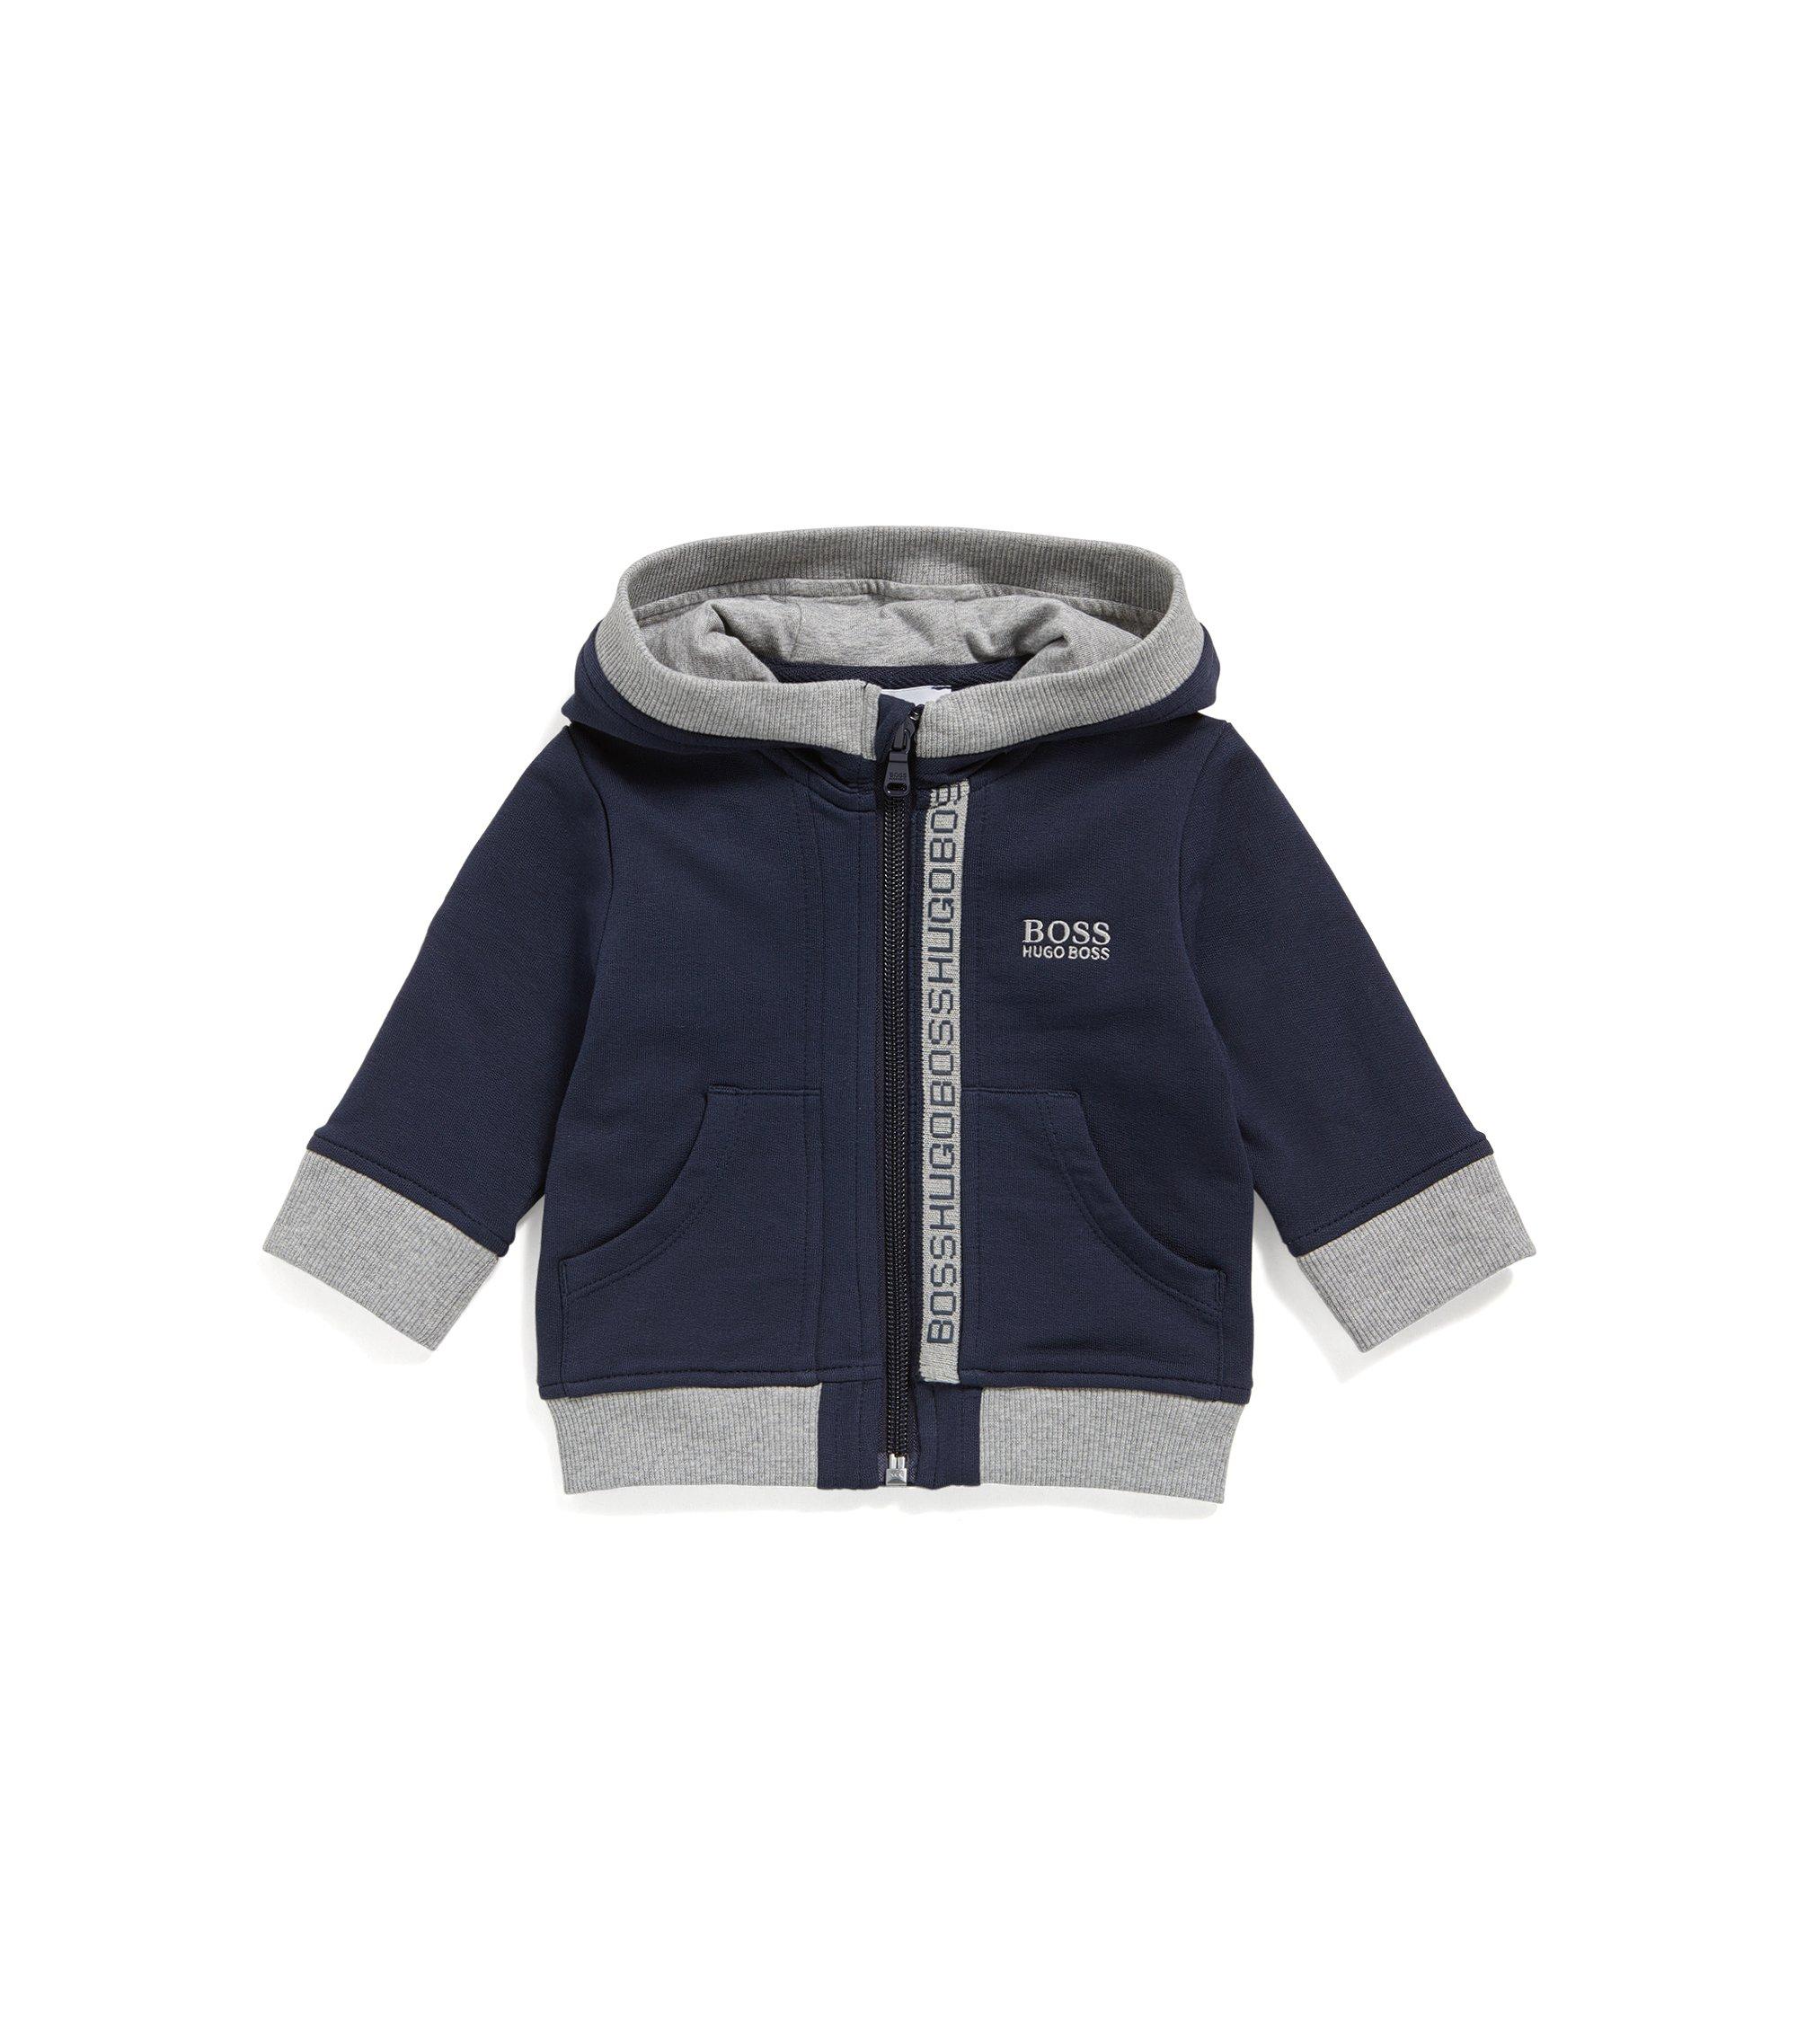 Sweat zippé pour enfant en polaire de coton, Bleu foncé